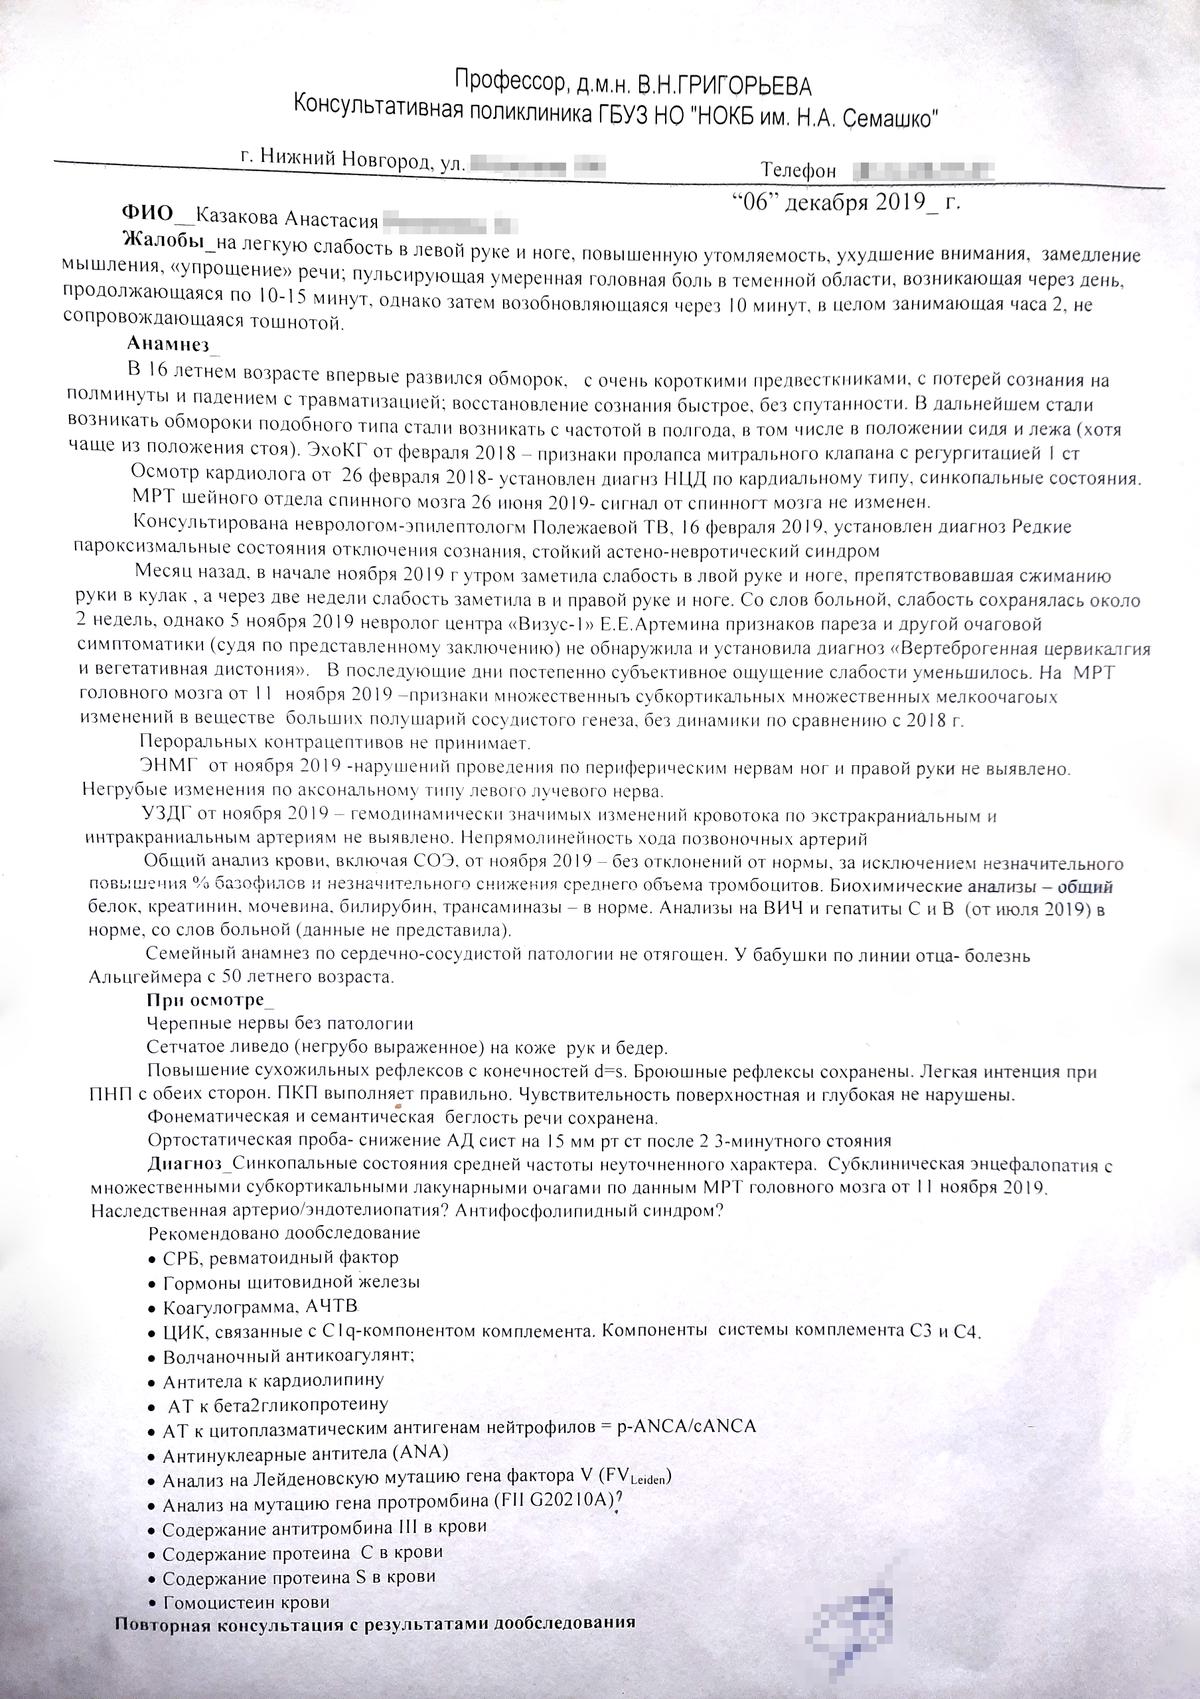 Еще одно заключение от невролога, пока без&nbsp;точного диагноза, в списке дополнительных обследований — анализы на 17 000<span class=ruble>Р</span>